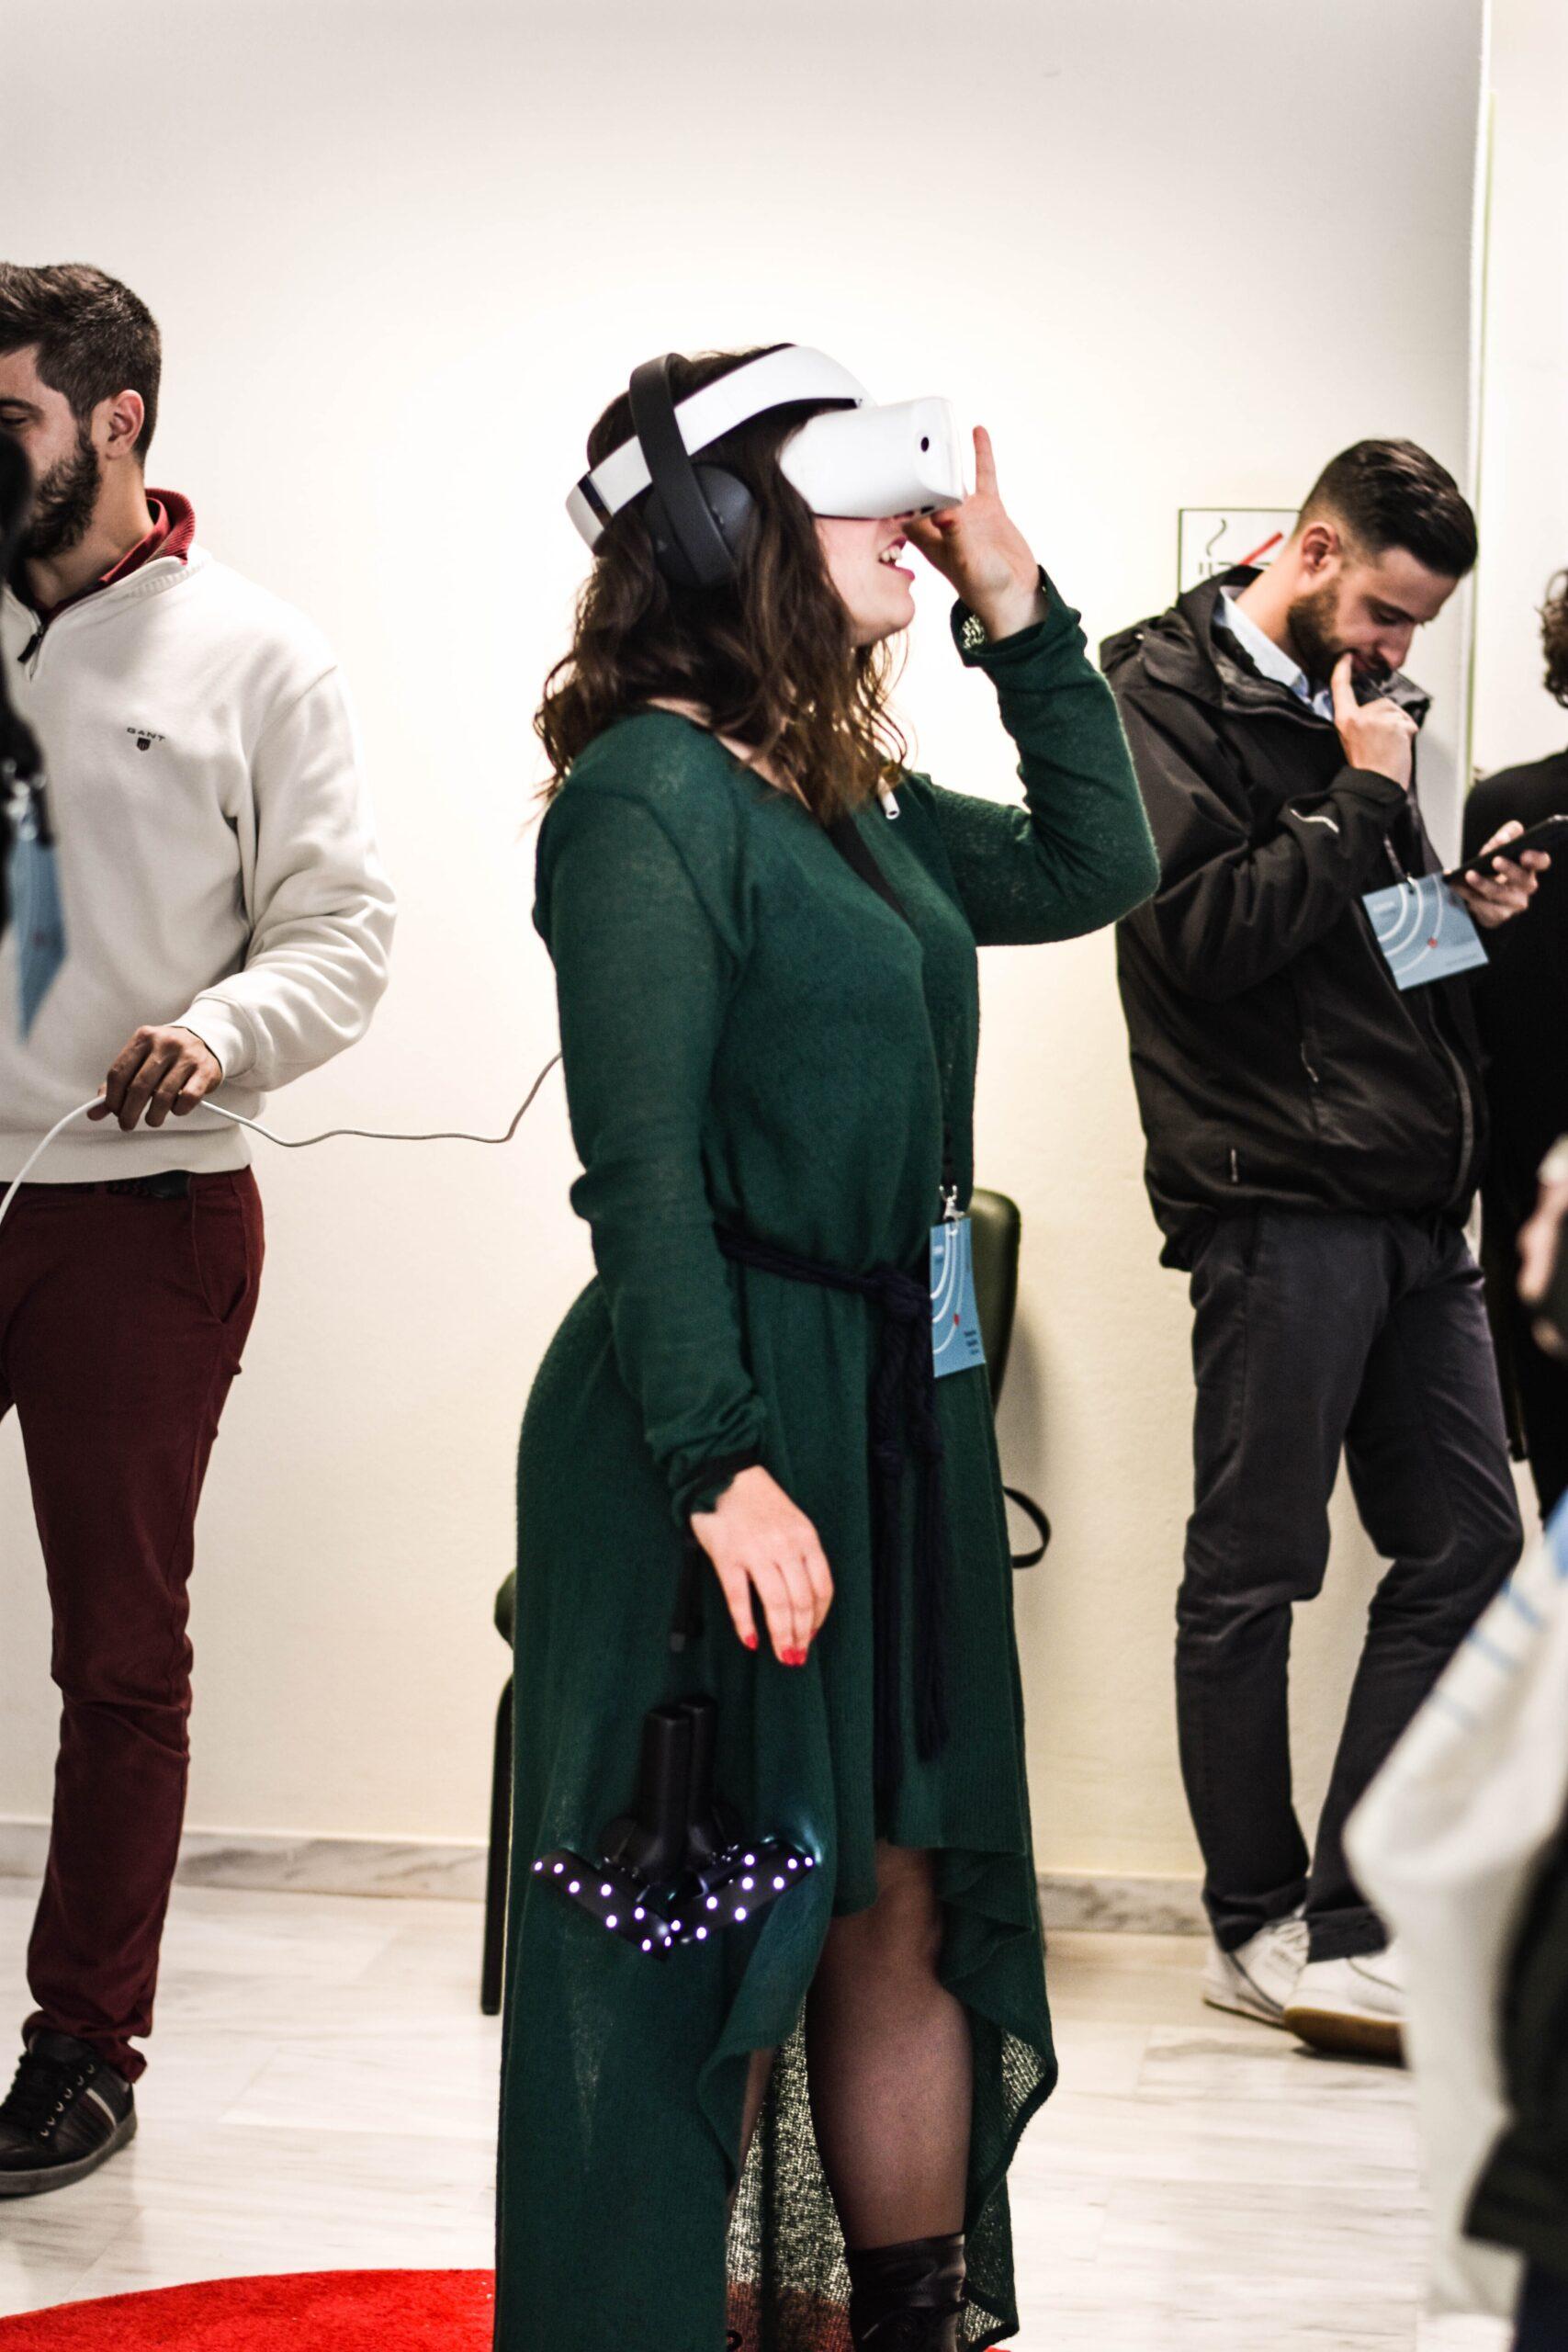 persone con visore ar come esempio di mostre virtuali